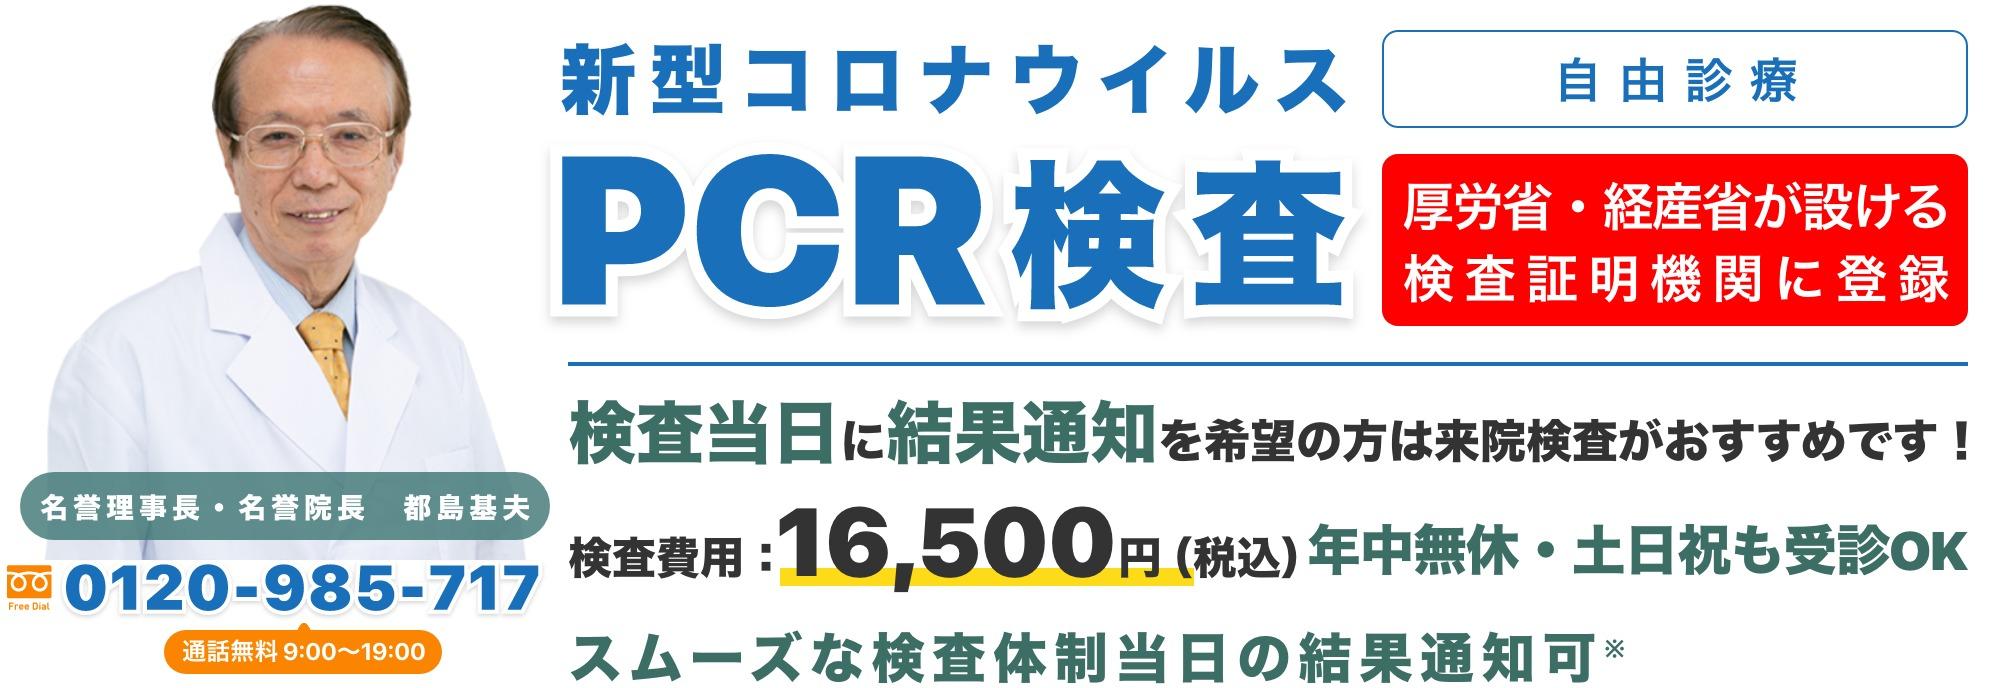 PCR検査来院検査価格1